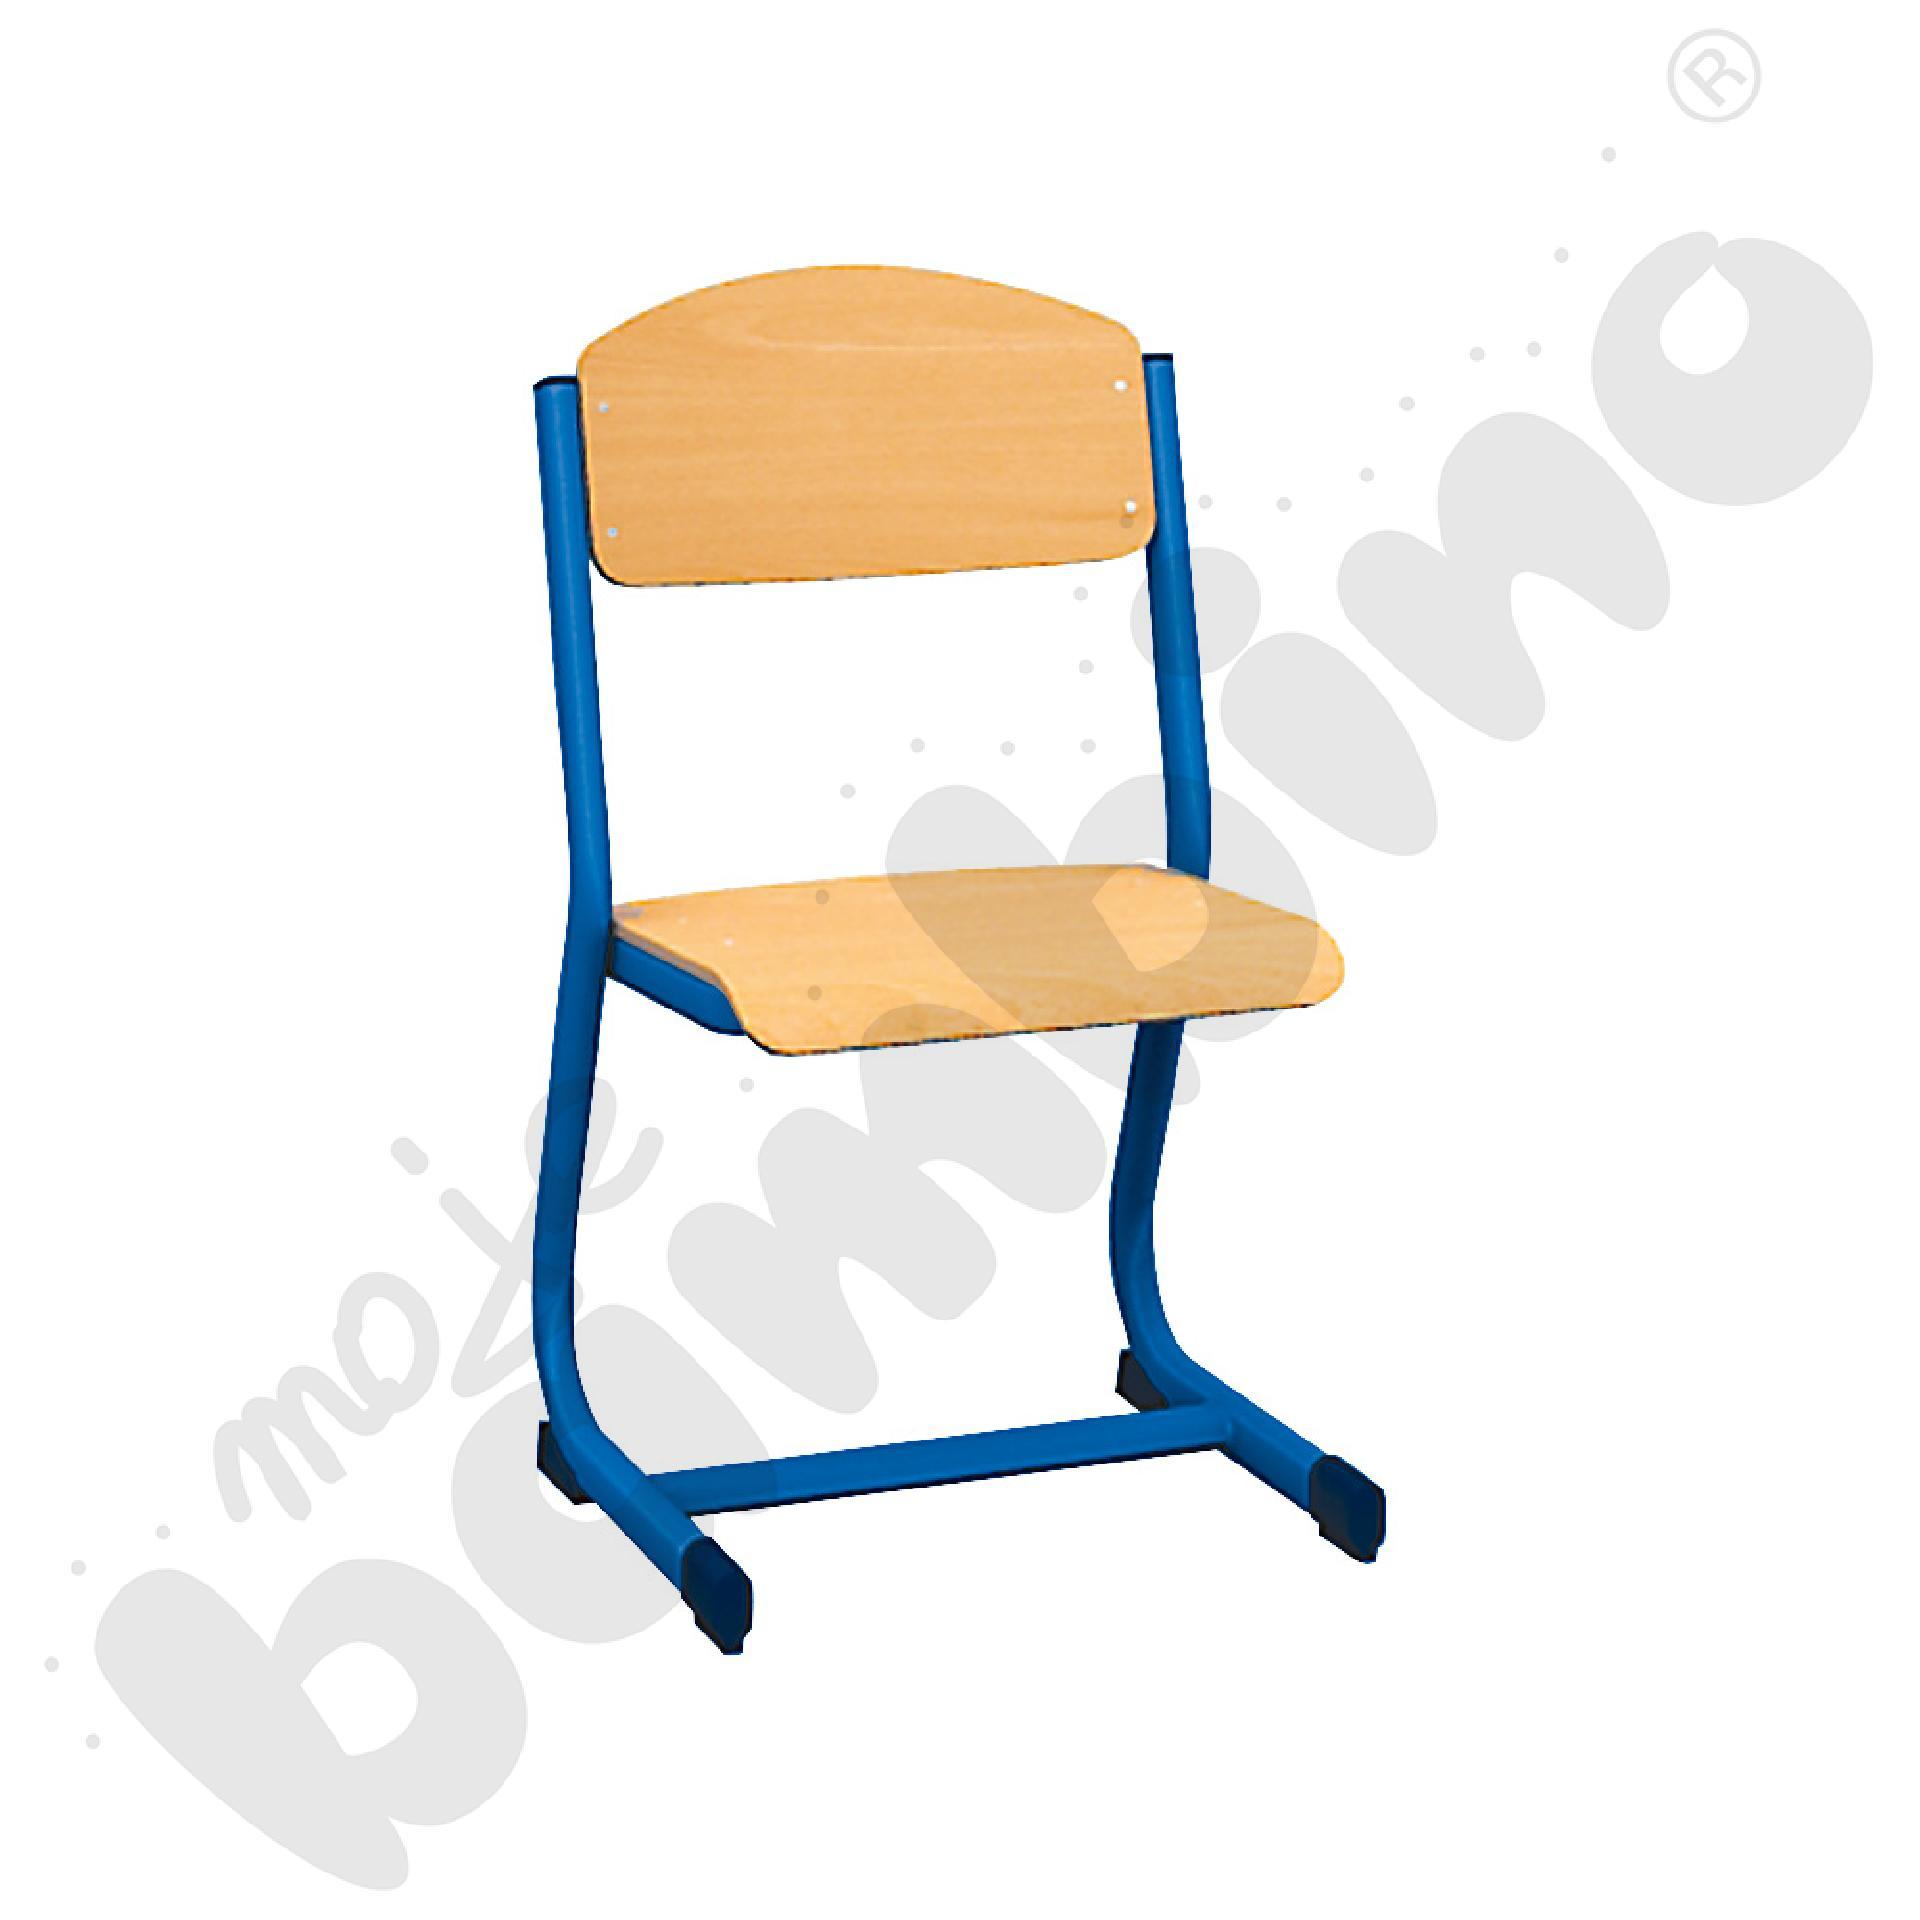 Krzesło IN-C rozm. 3 niebieskie